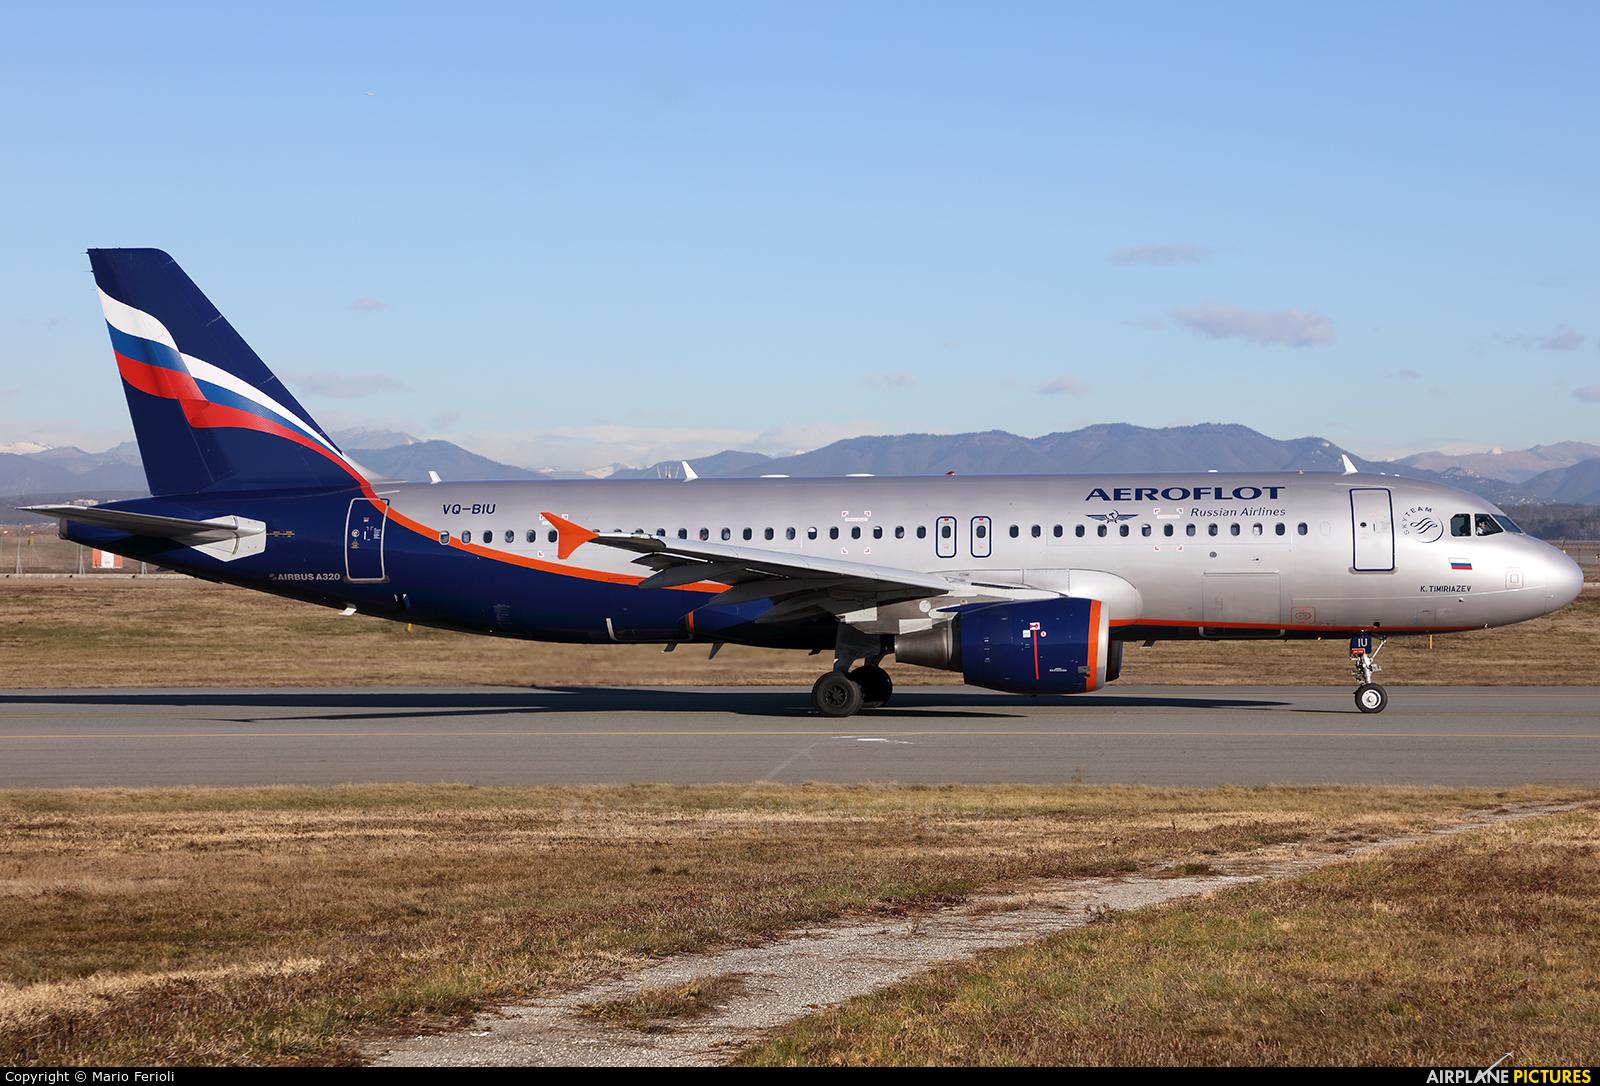 Aeroflot VQ-BIU aircraft at Milan - Malpensa